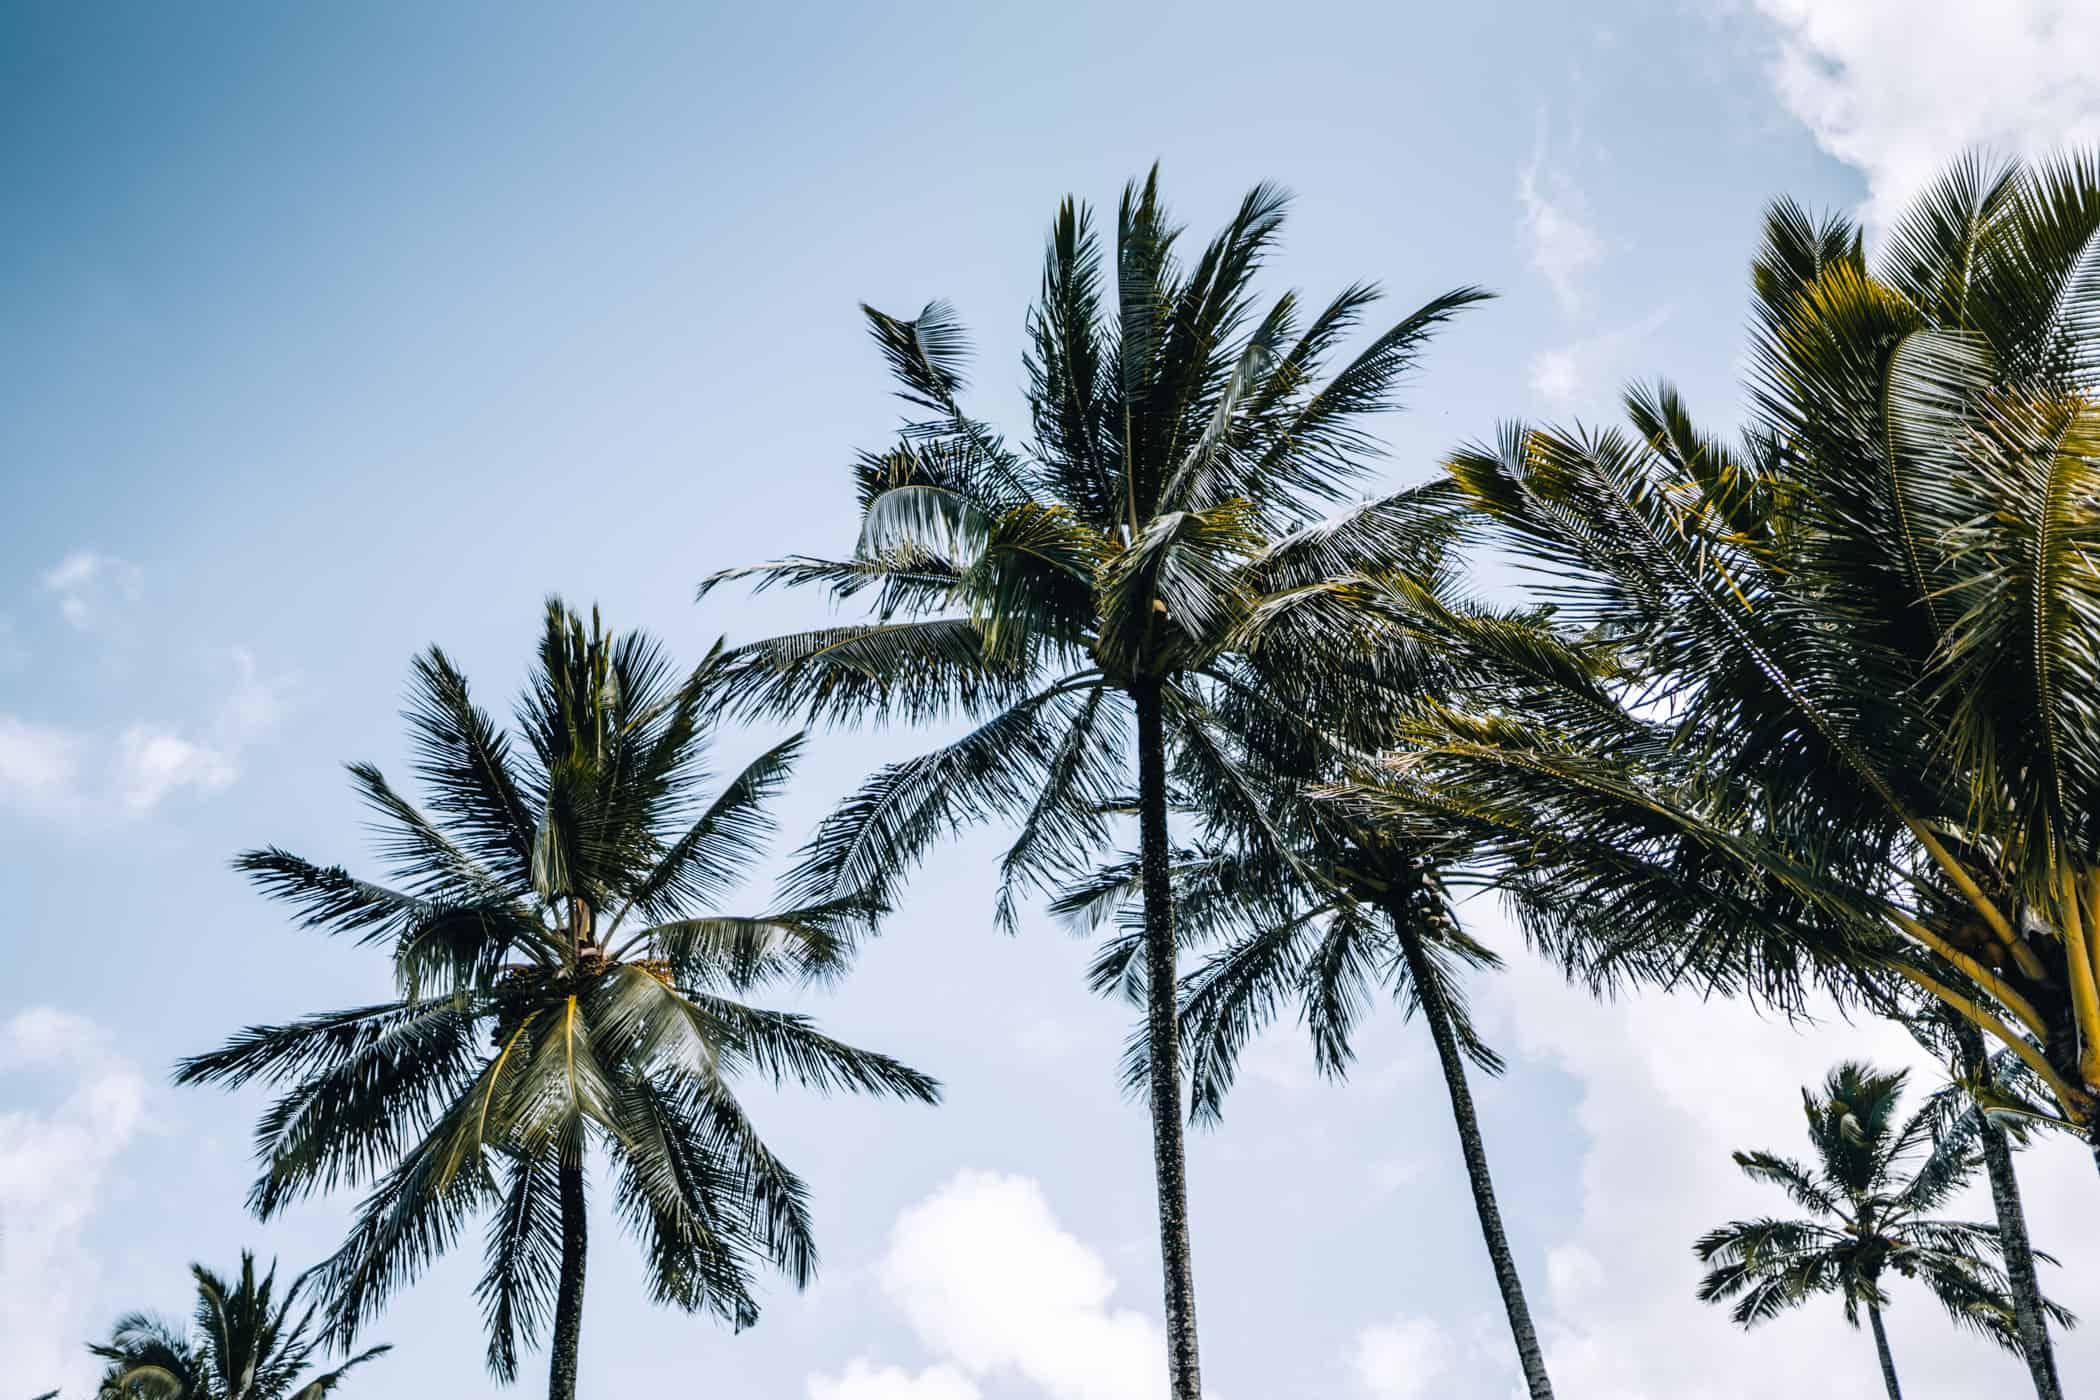 Kauai - Strände, Wandern & Ausflugsziele: Die Garteninsel von HawaiiKauai - Strände, Wandern & Ausflugsziele: Palmen am Hanalei Beach